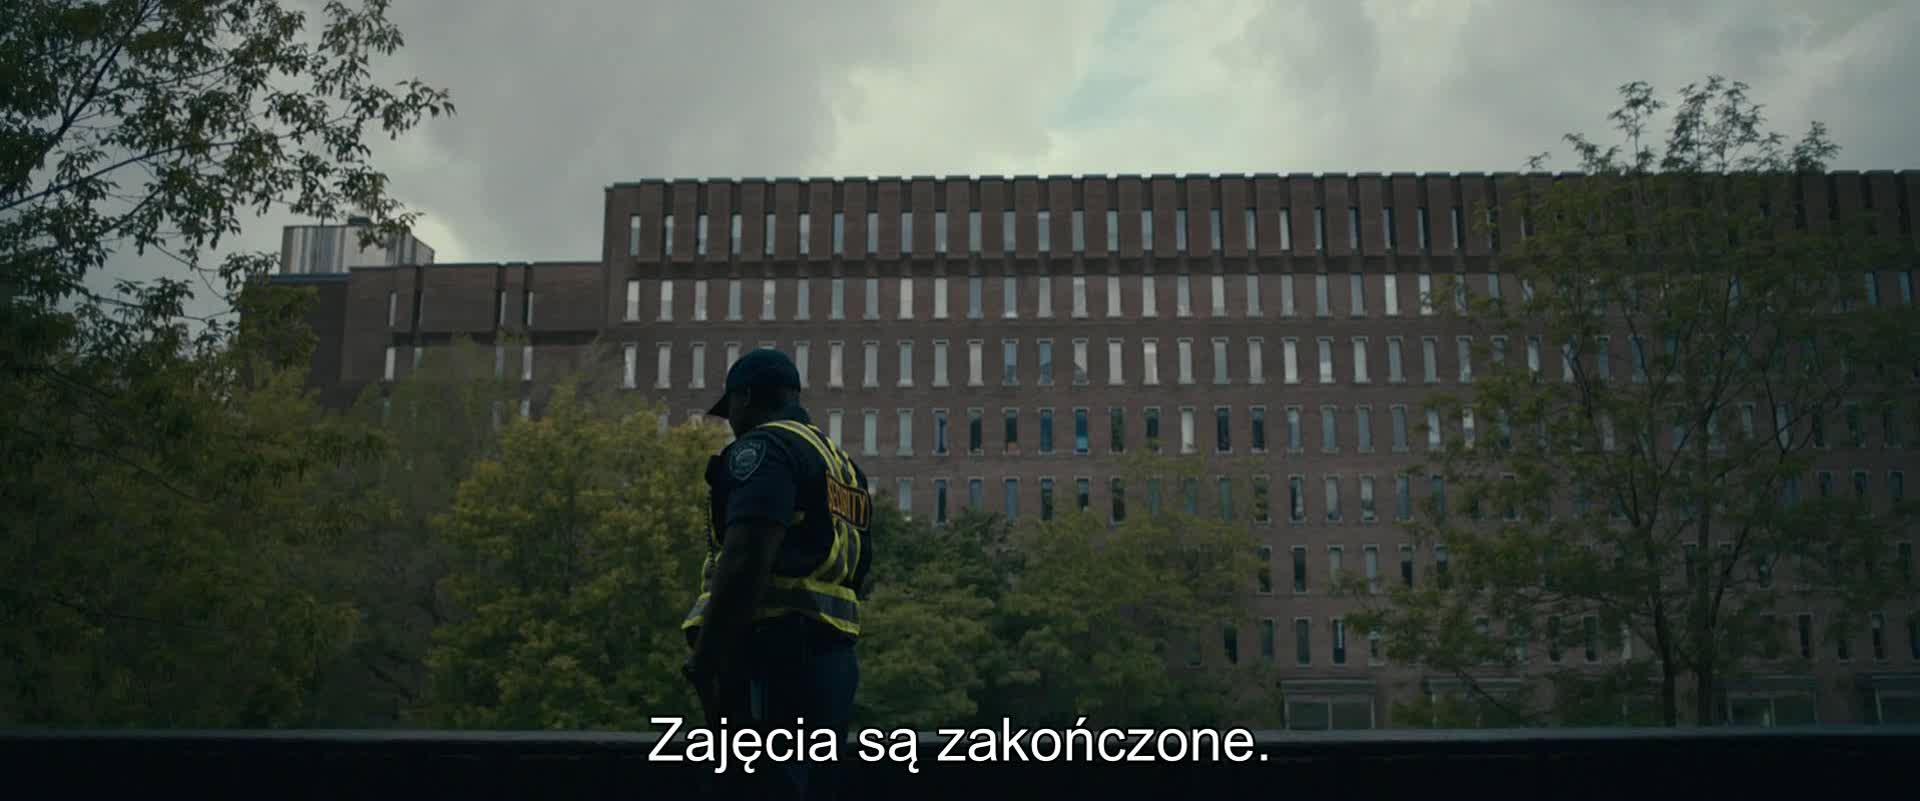 nowy początek cda pl